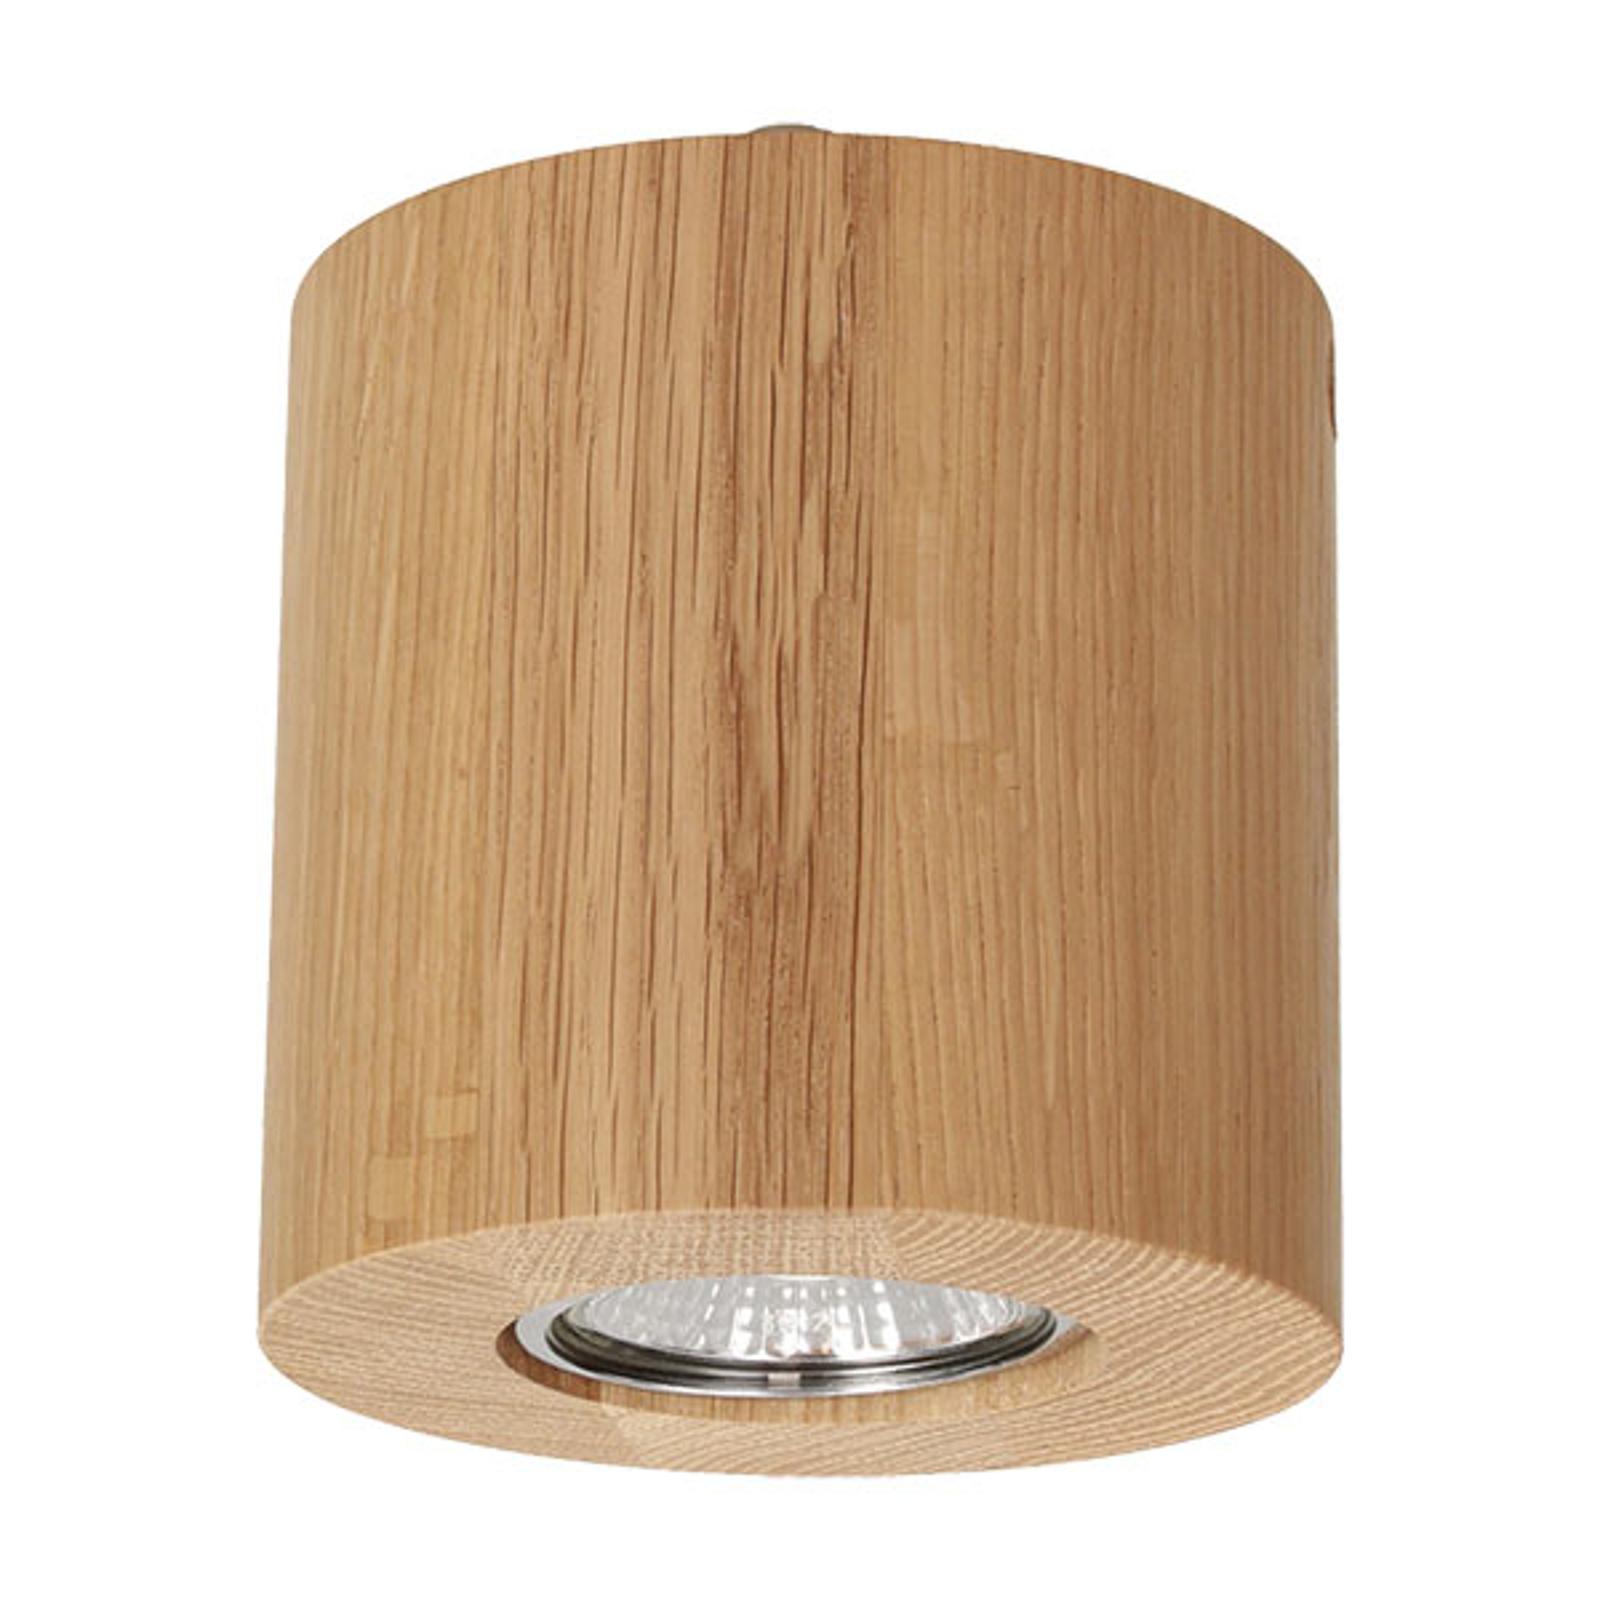 Deckenlampe Wooddream 1-flammig Eiche, rund, 10cm